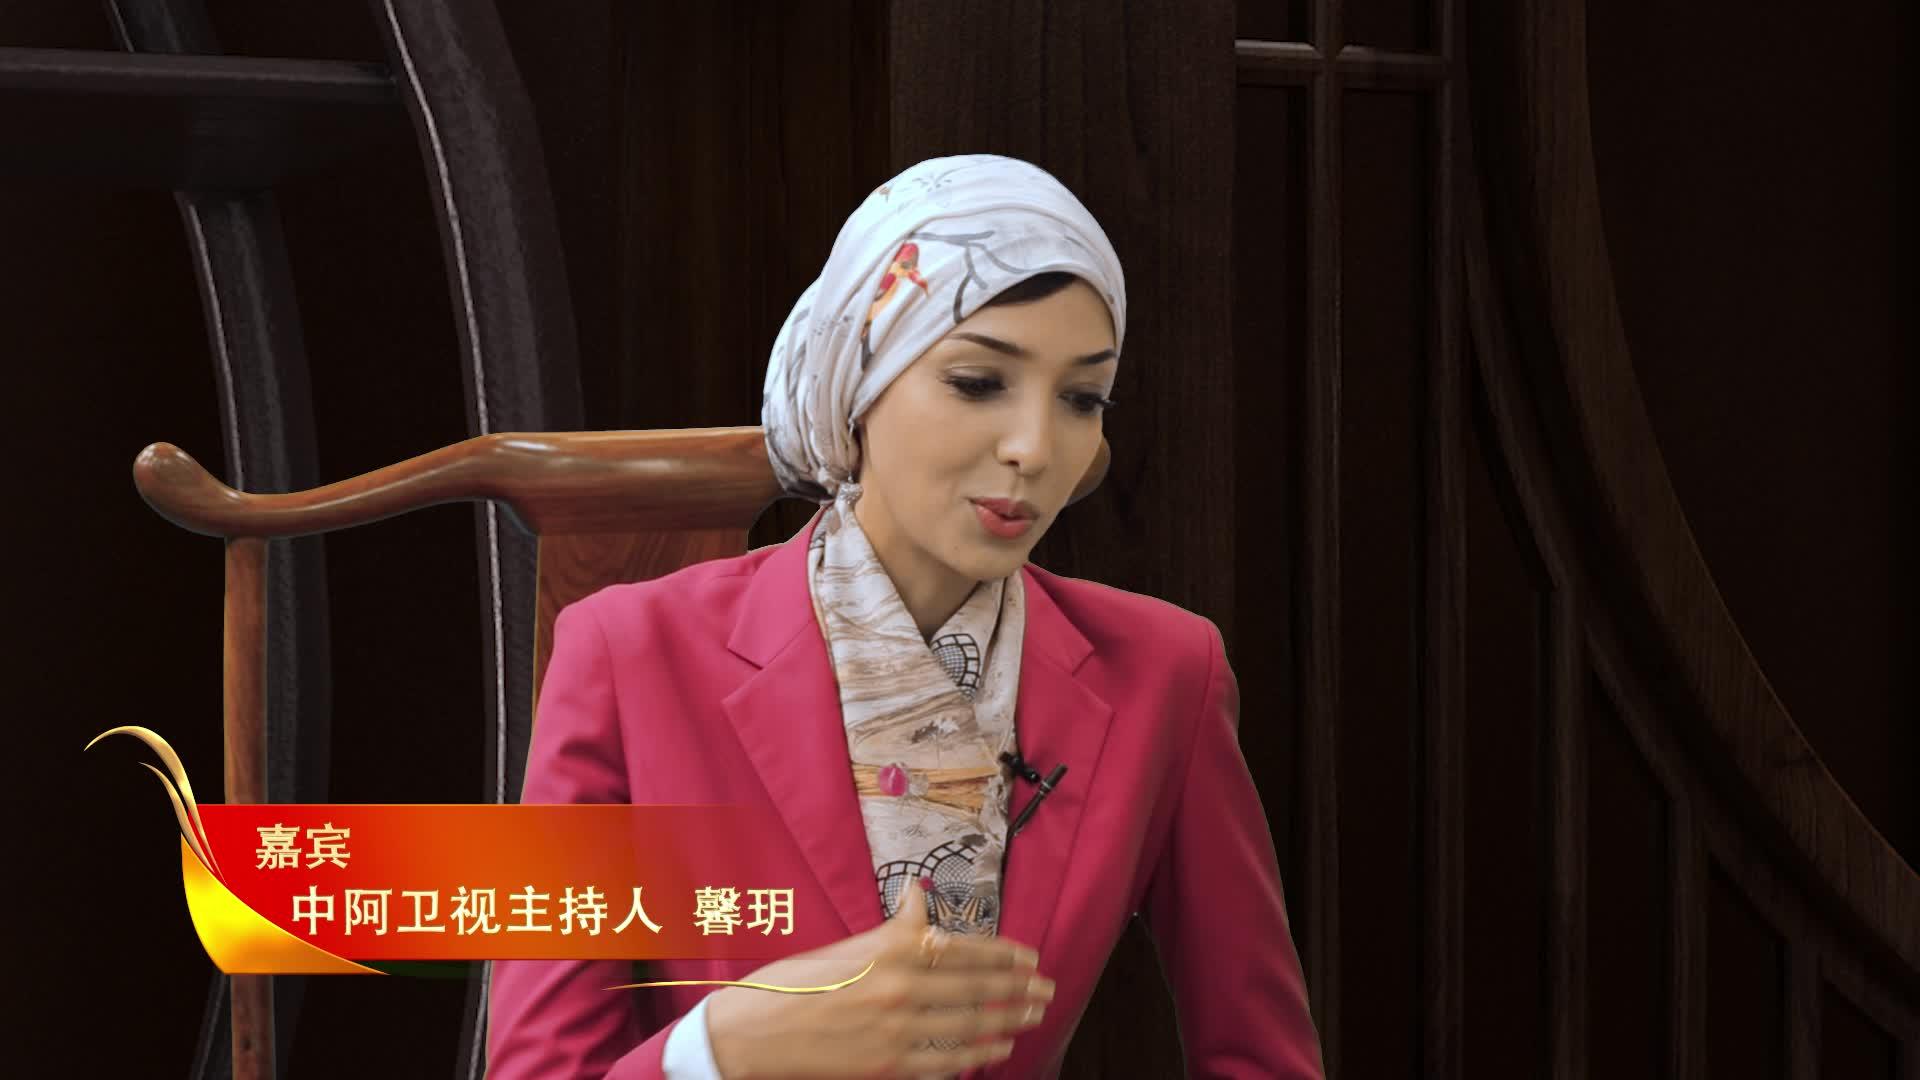 揭秘:画家蒋兆和如何开始学前教育